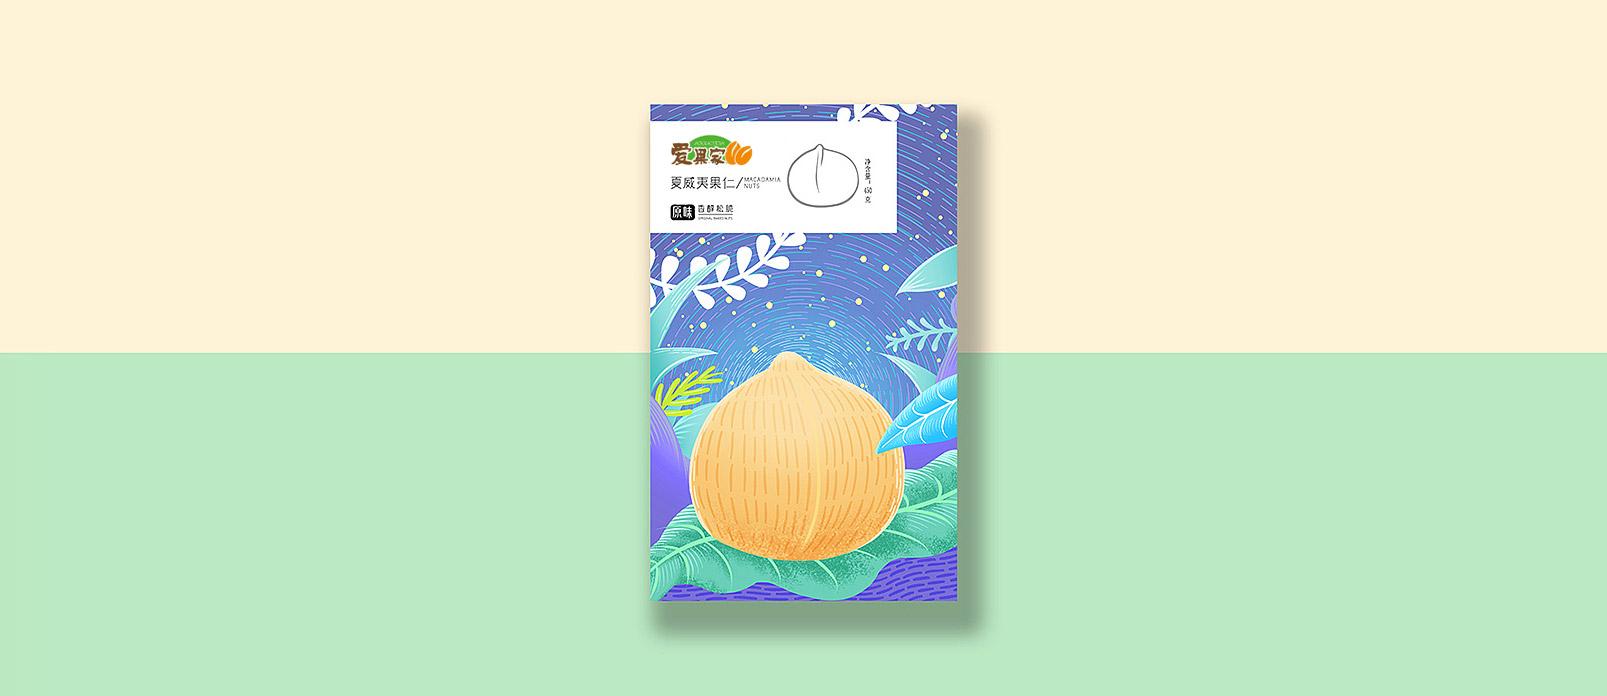 山东包装设计公司提供茶叶的包装设计方案服务